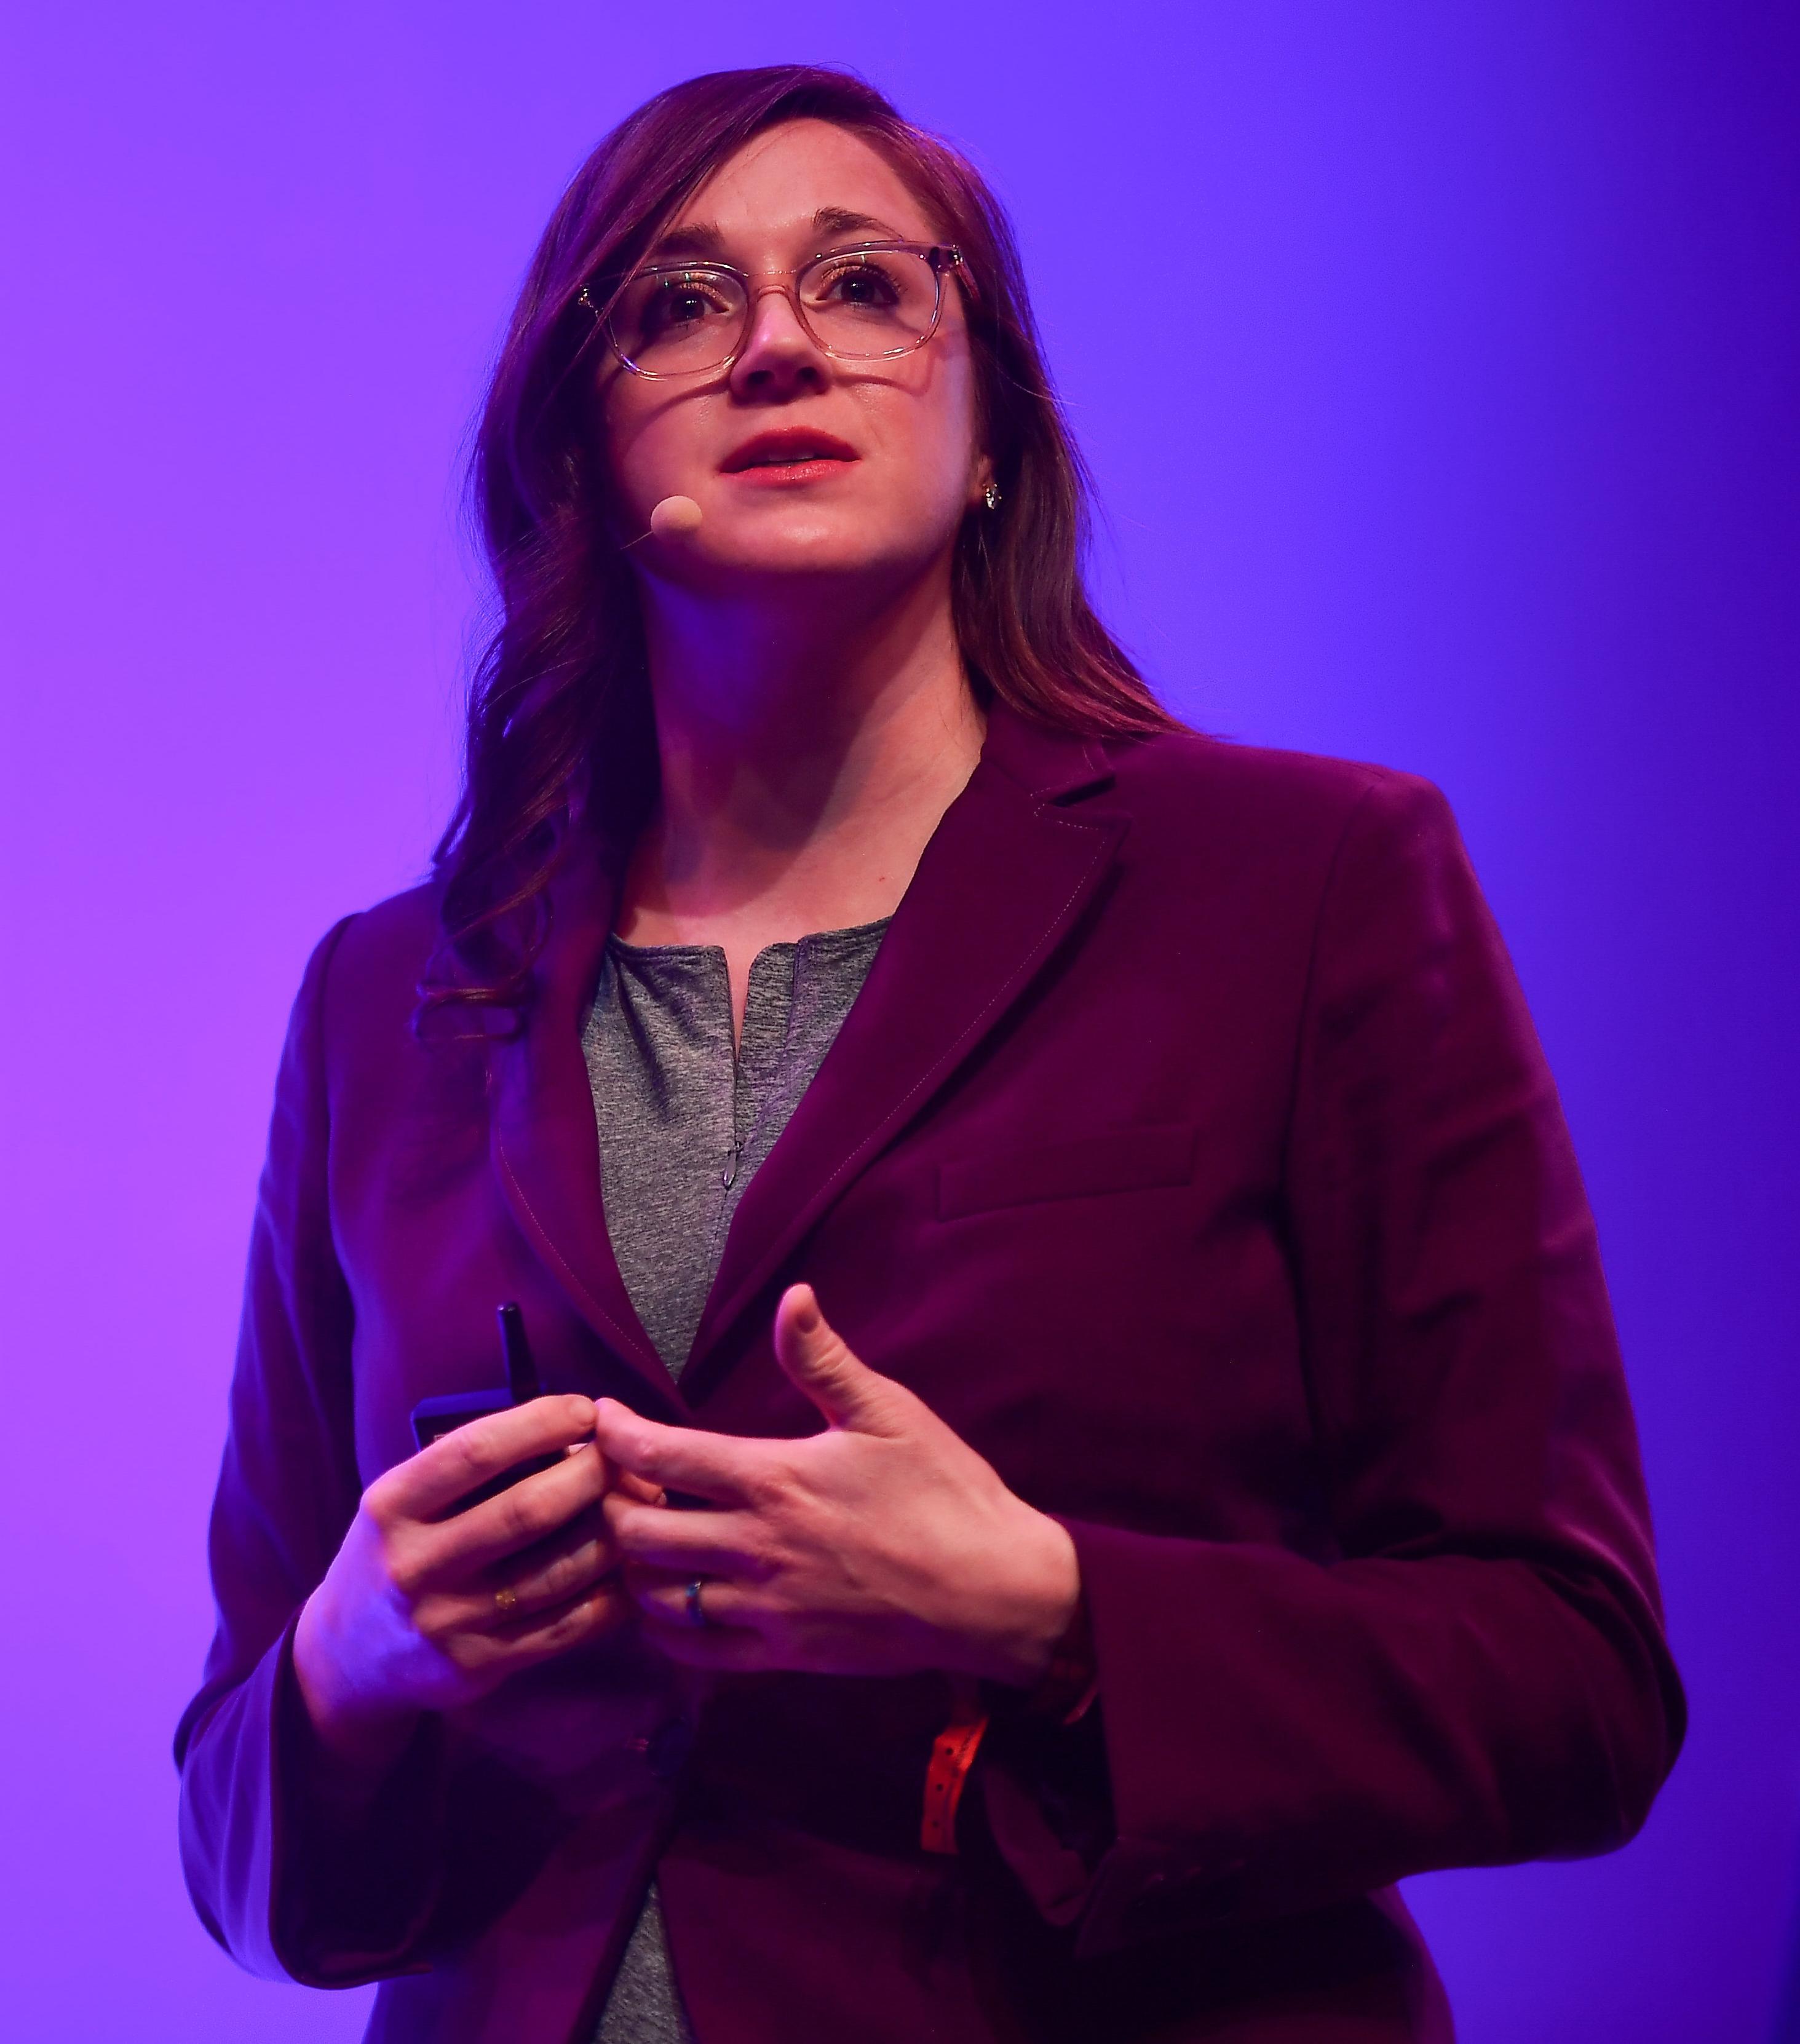 Self-Driven-Women-CEOs-Autonomous-Tech